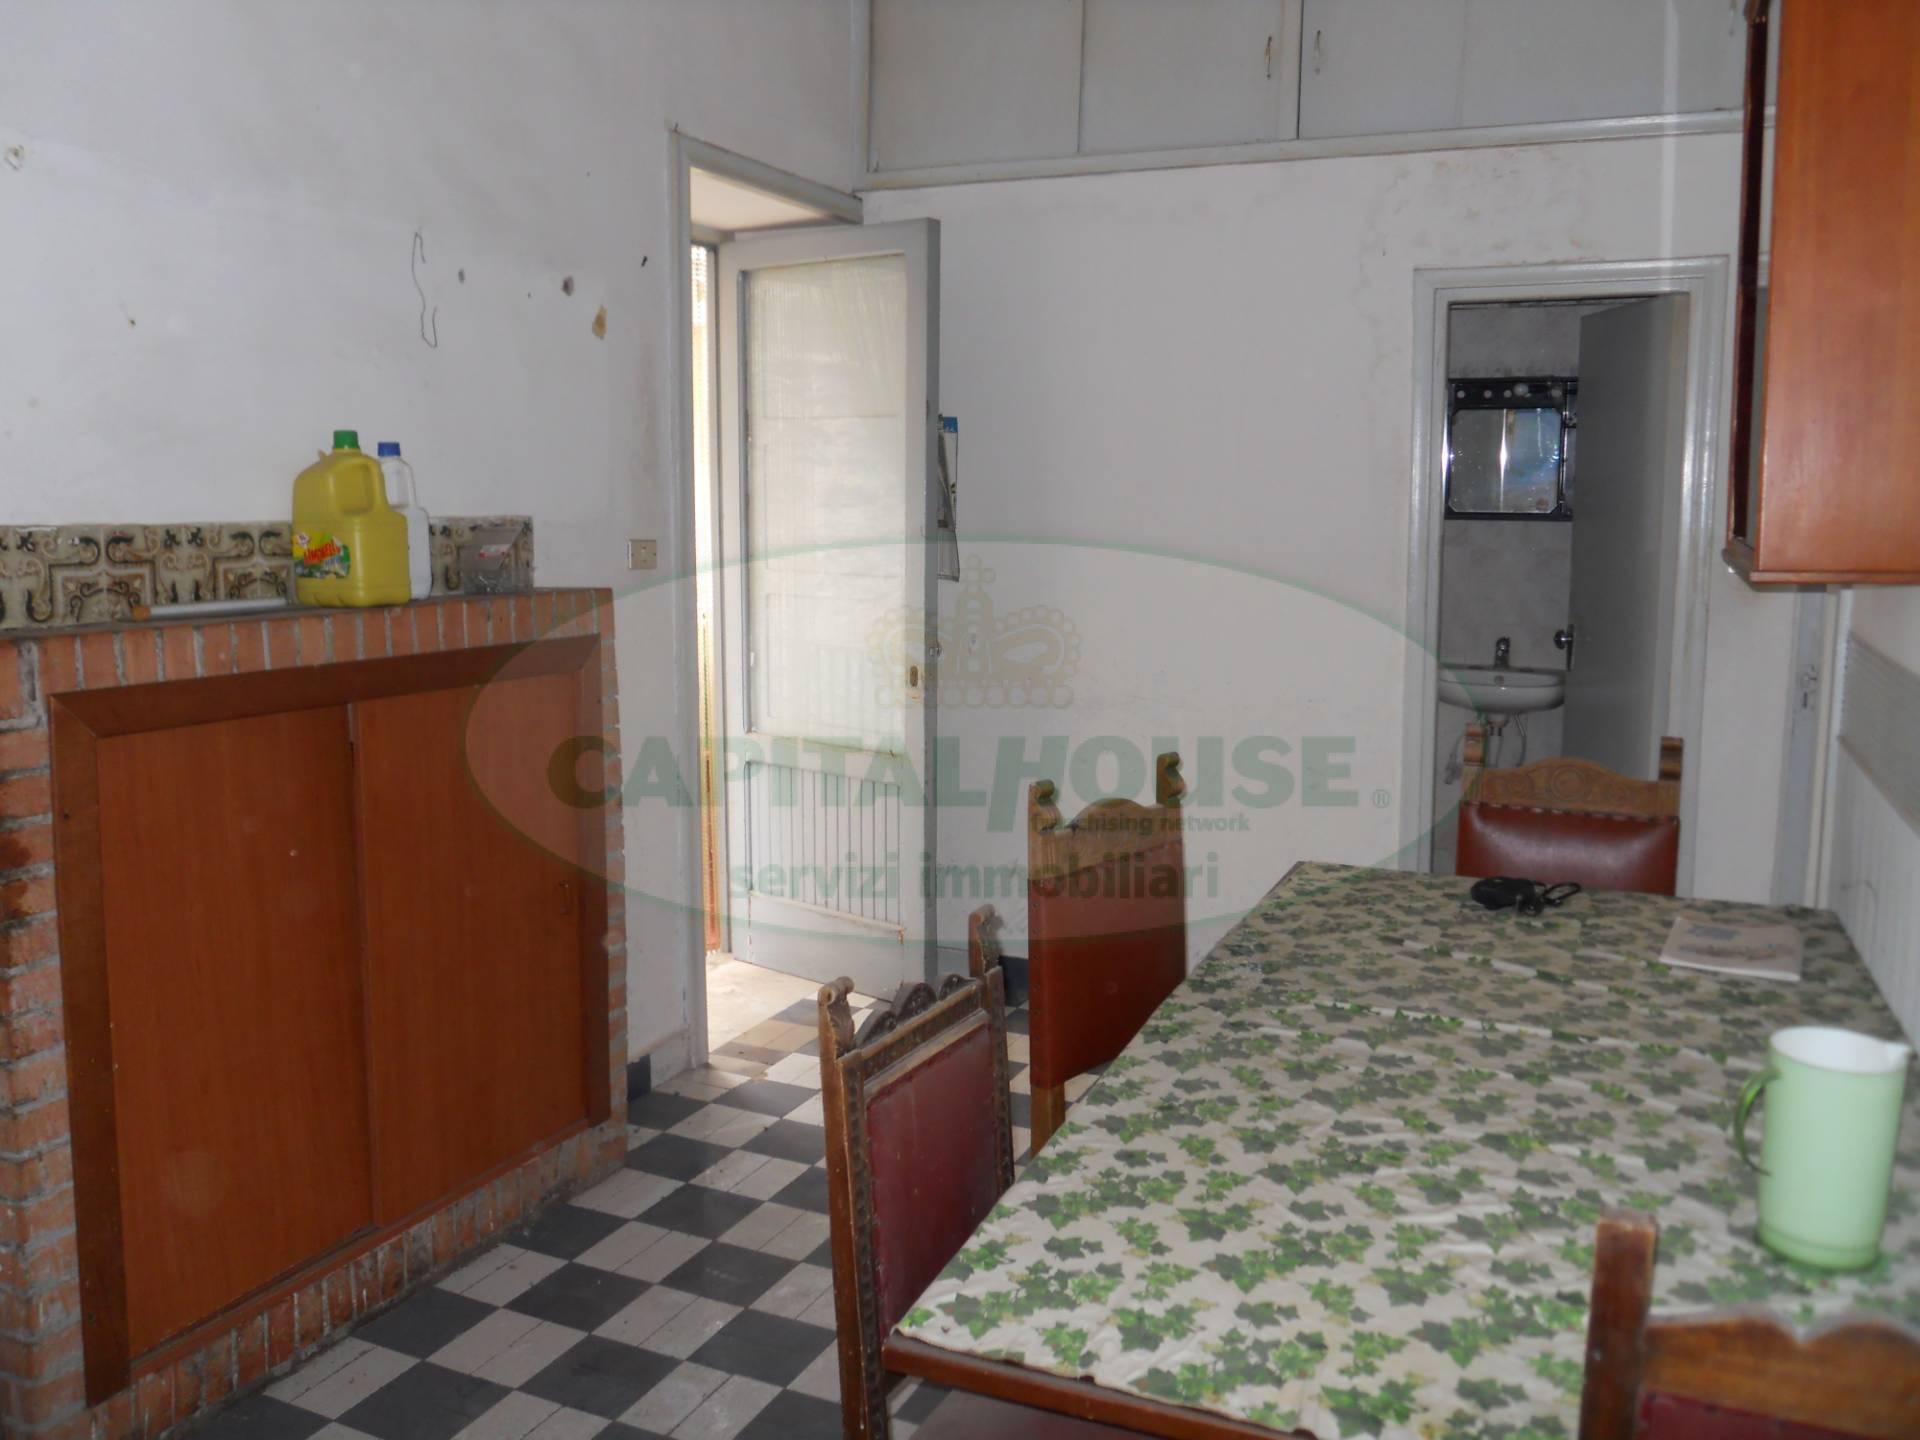 Appartamento in vendita a Vitulazio (CE)